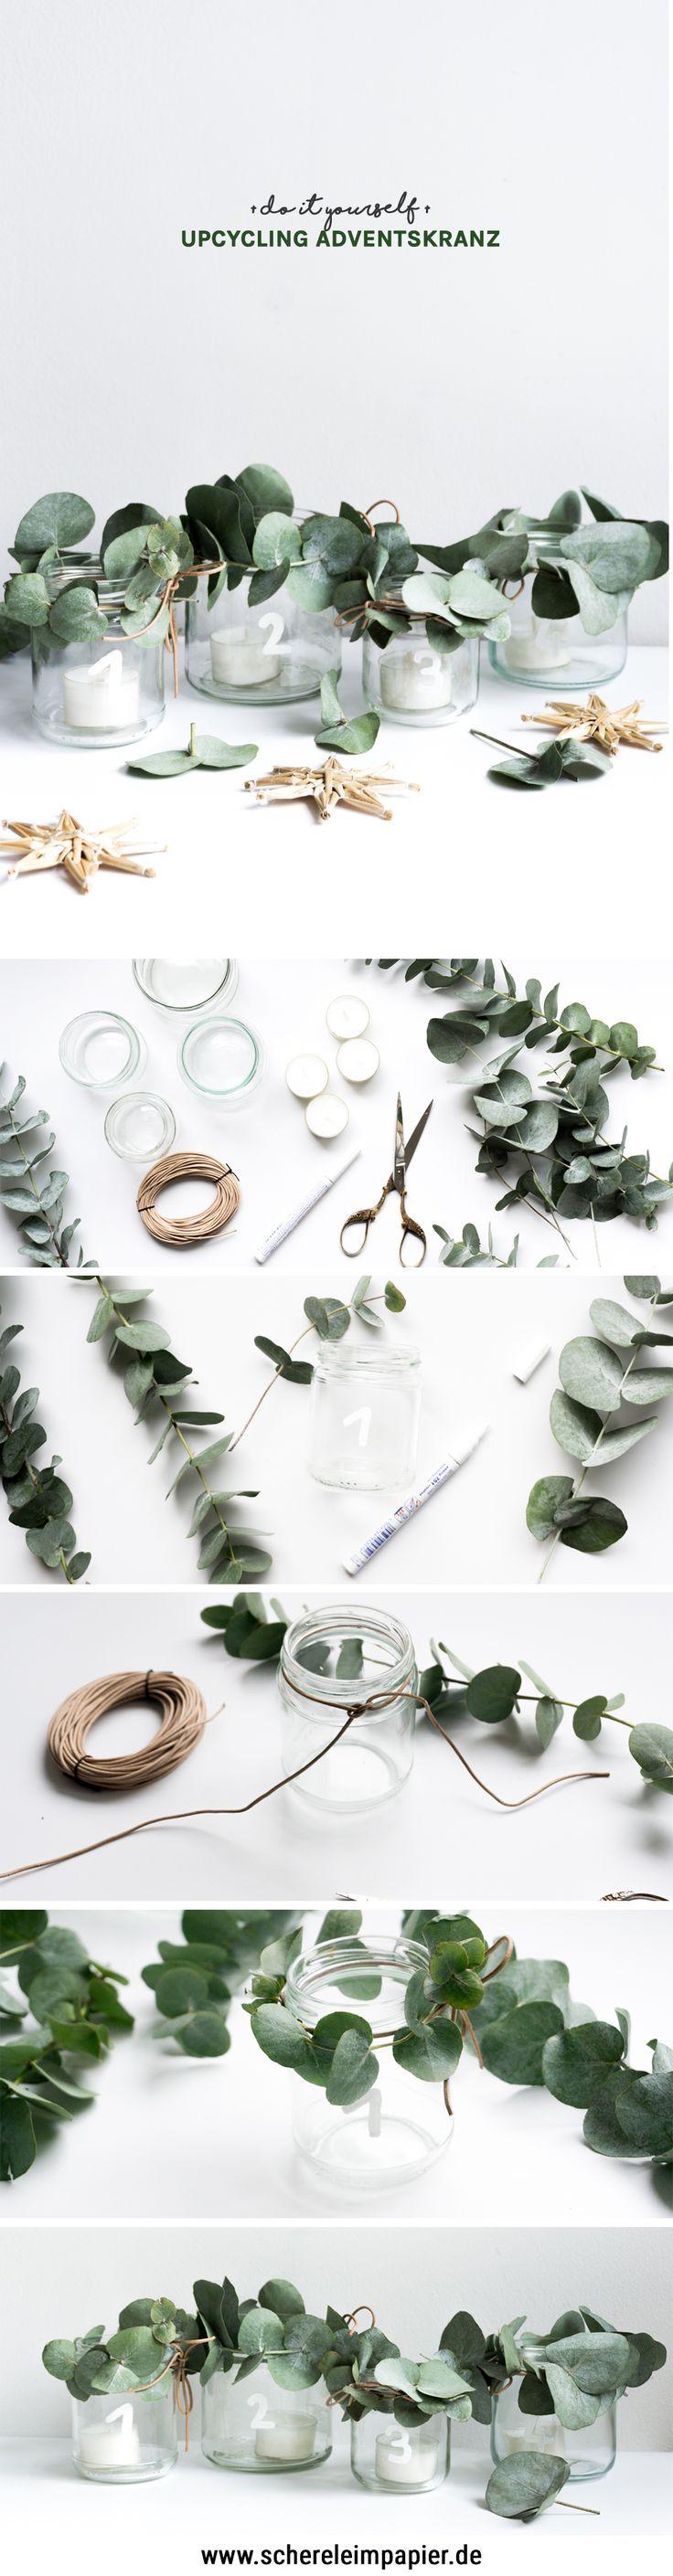 DIY Adventskranz – eine Upcycling Idee mit Altglas – schere leim papier – DIY, Upcycling, Deko, Wohnen & Pflanzen